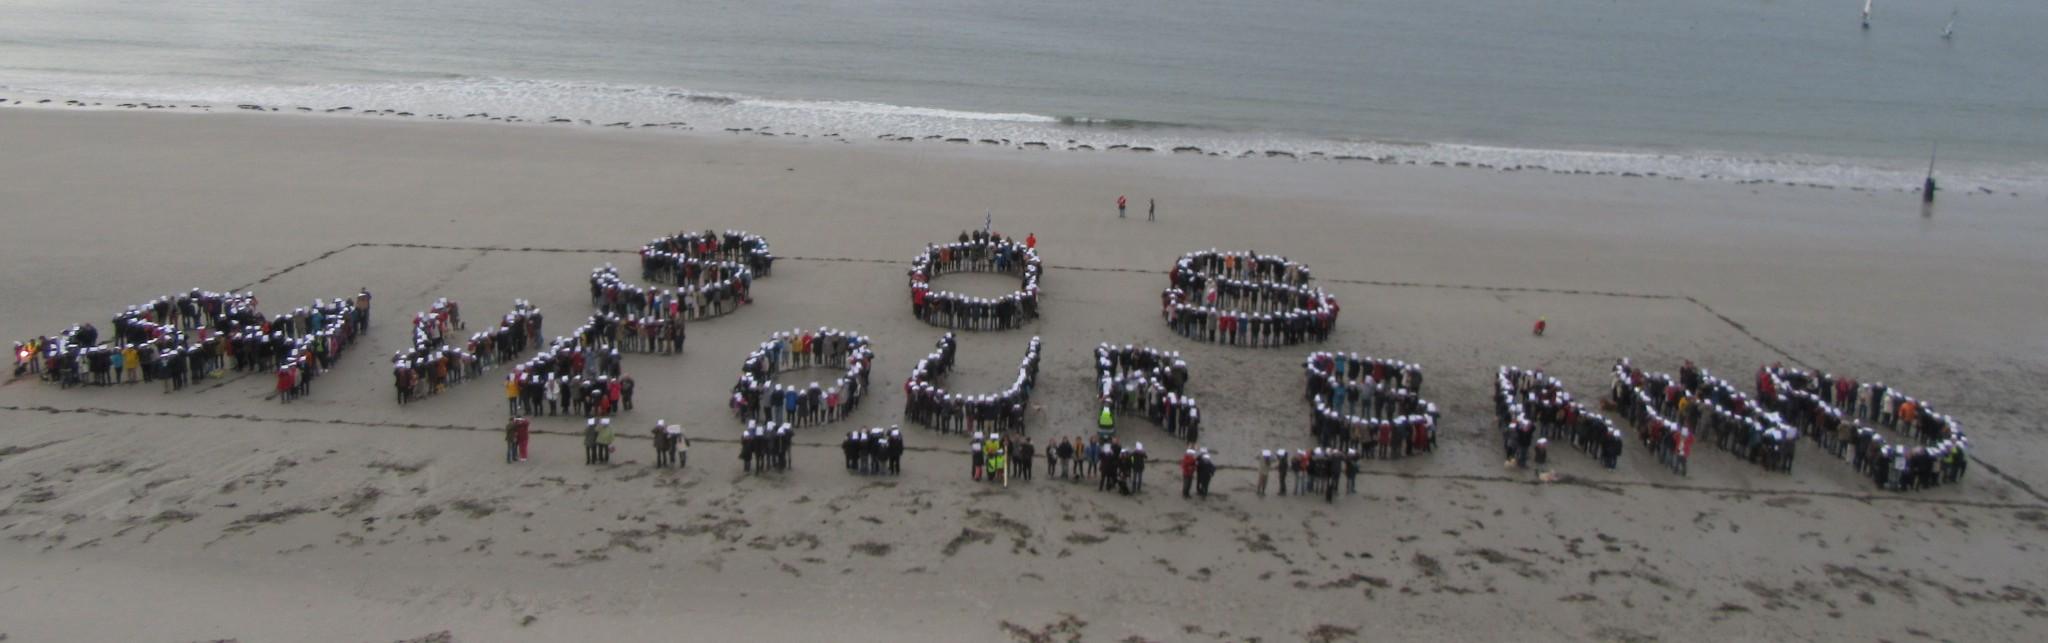 Extraction de sable, le SOS des citoyens [23/11/15]